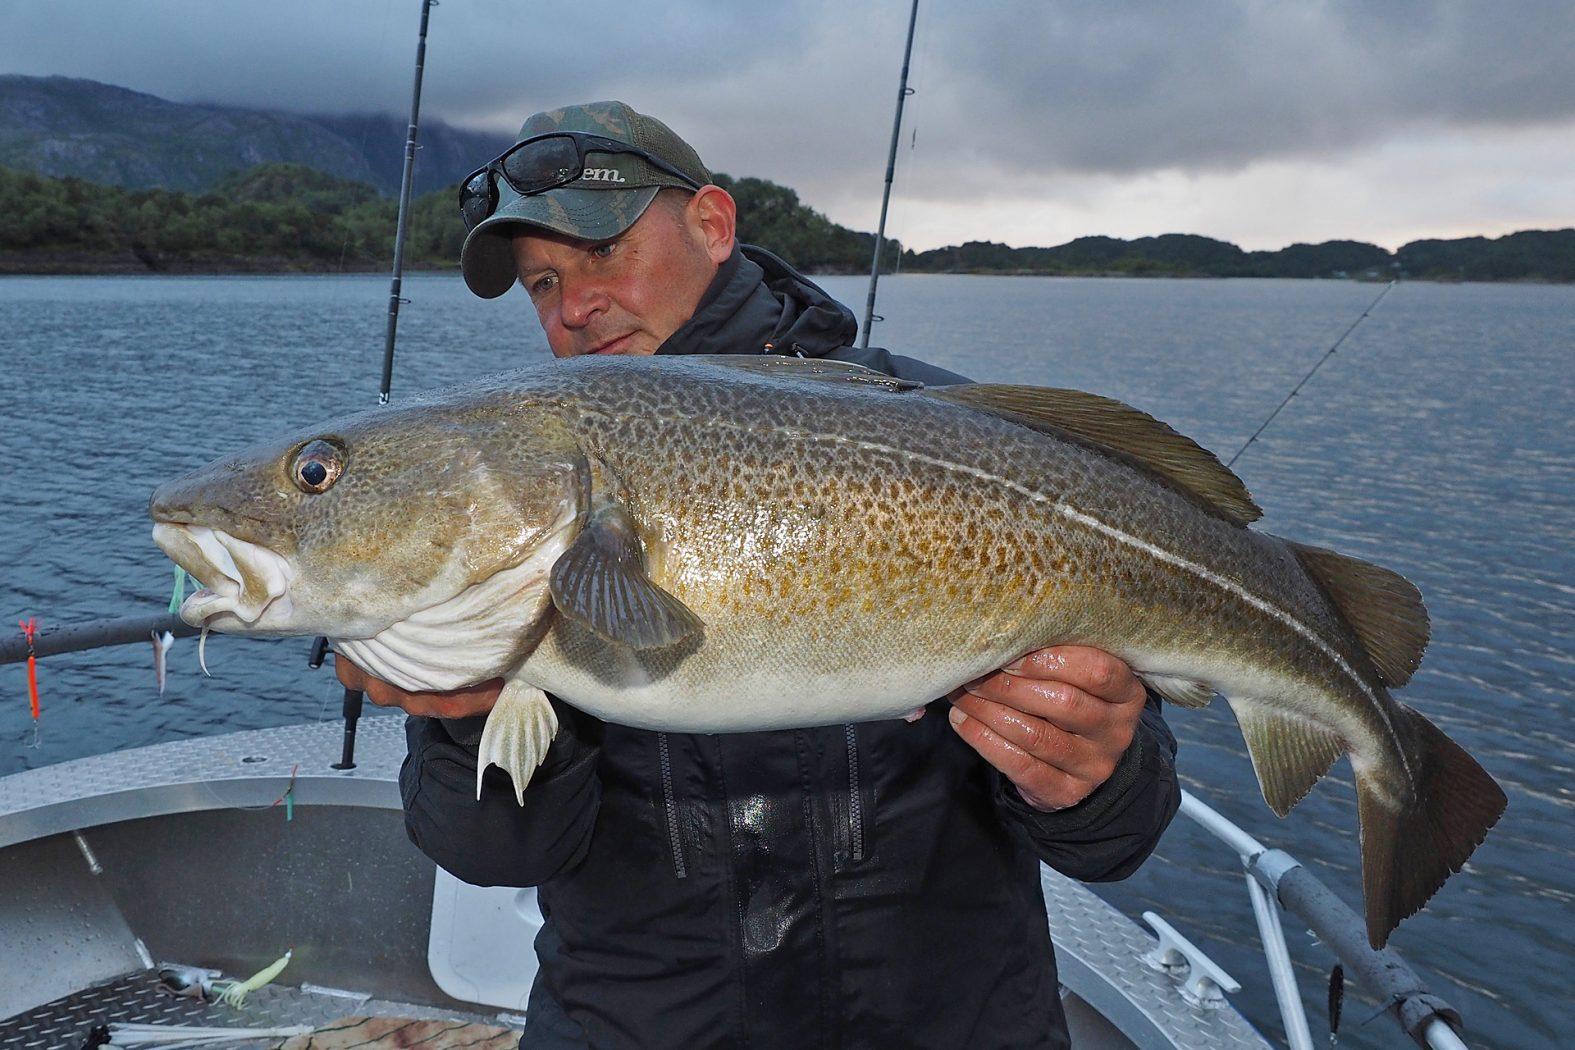 Dorsch angeln in Mittelnorwegen